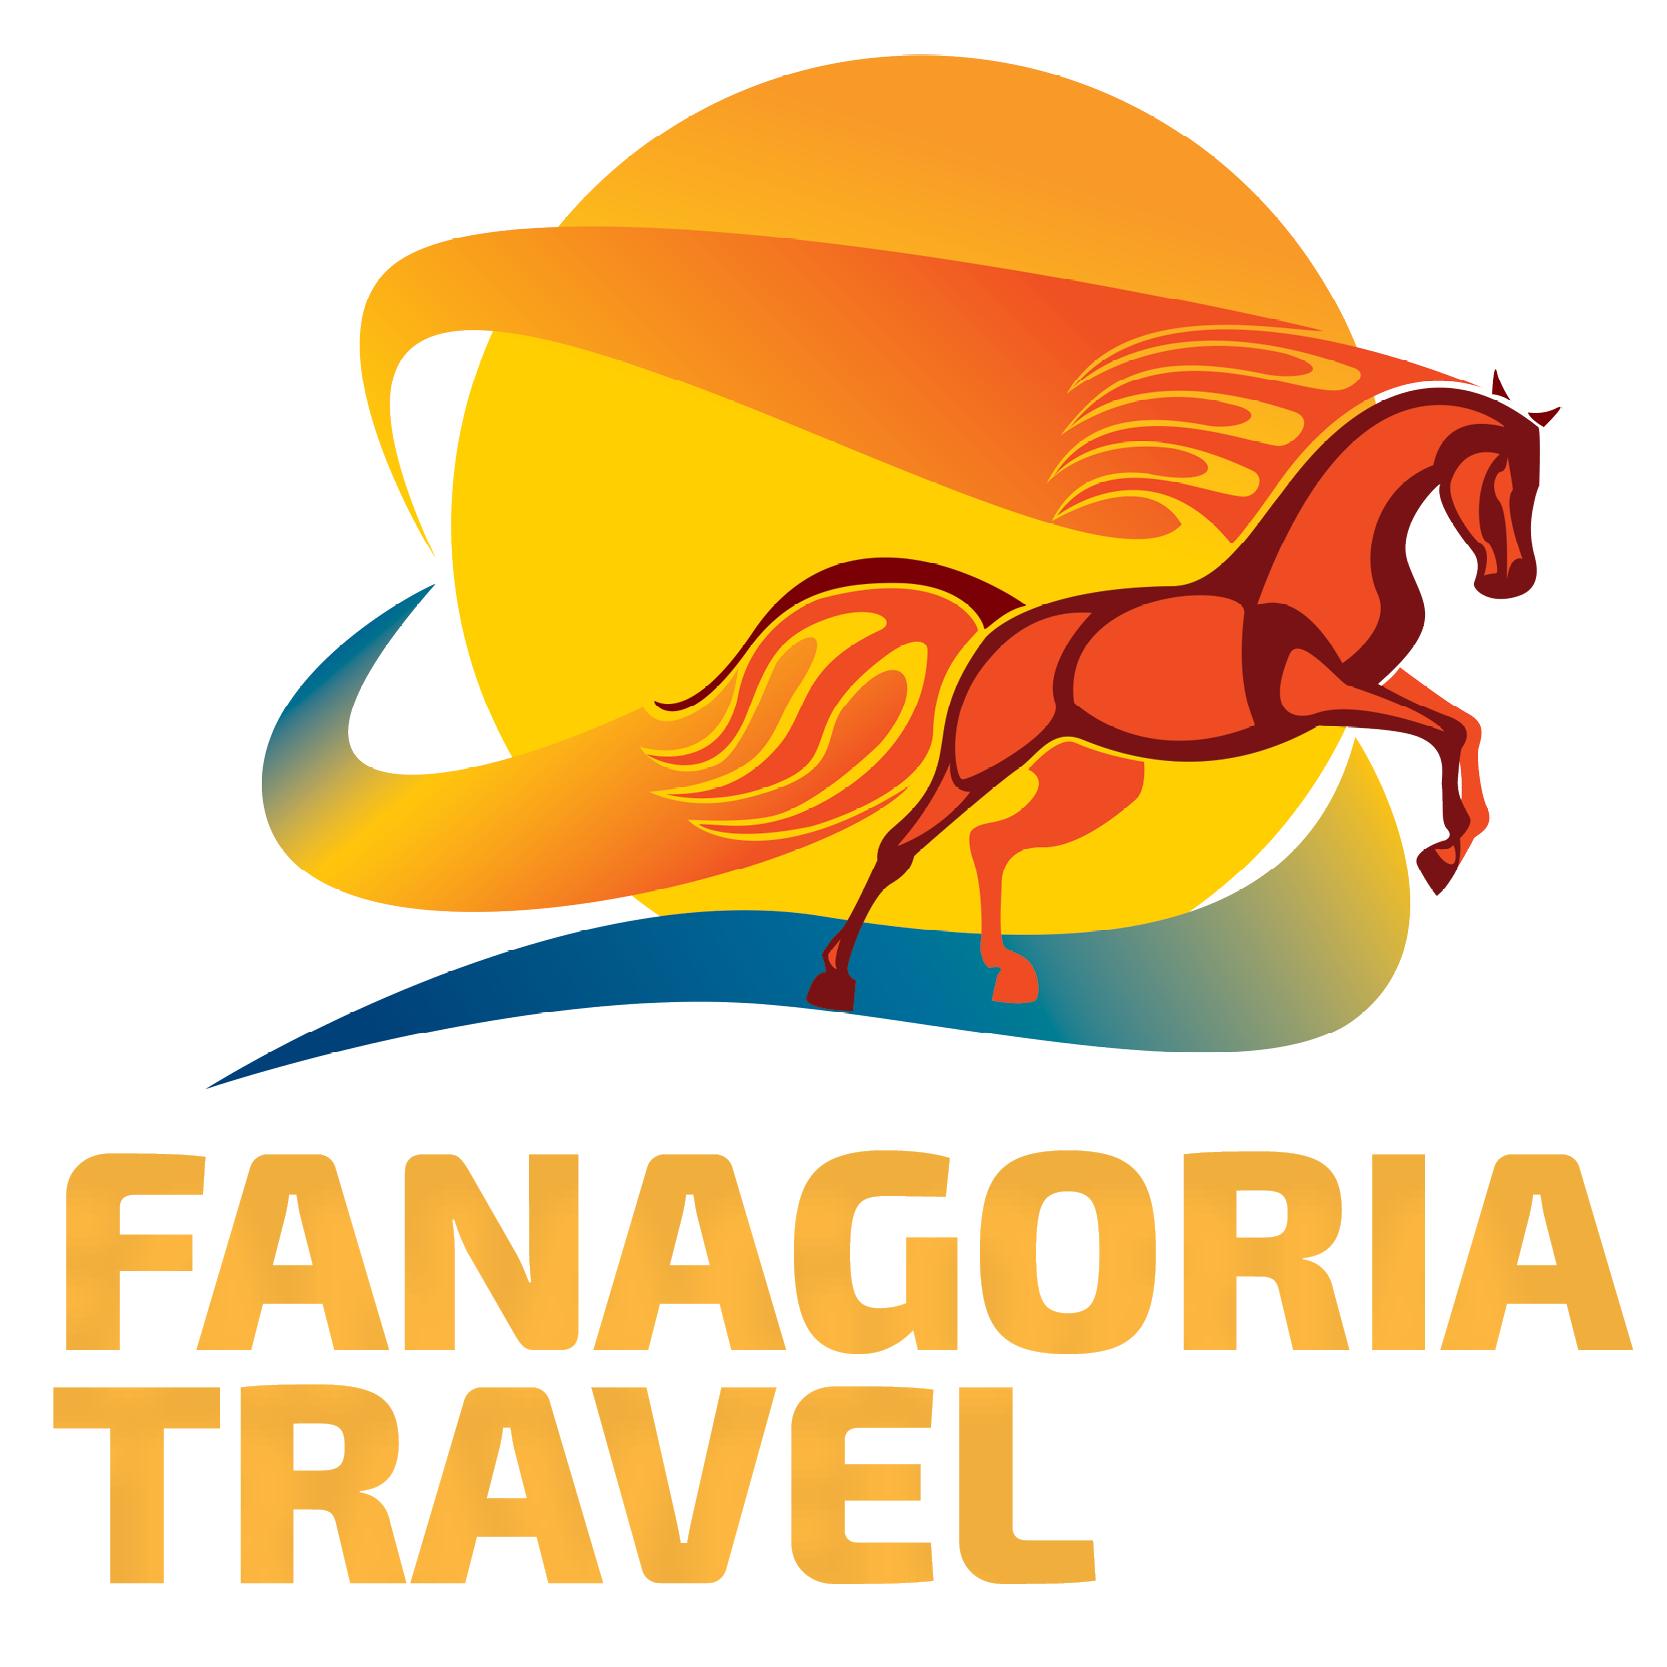 Почивки, екскурзии в страната и чужбина, ученически програми, организиране на културно-познавателни и спортни мероприятия